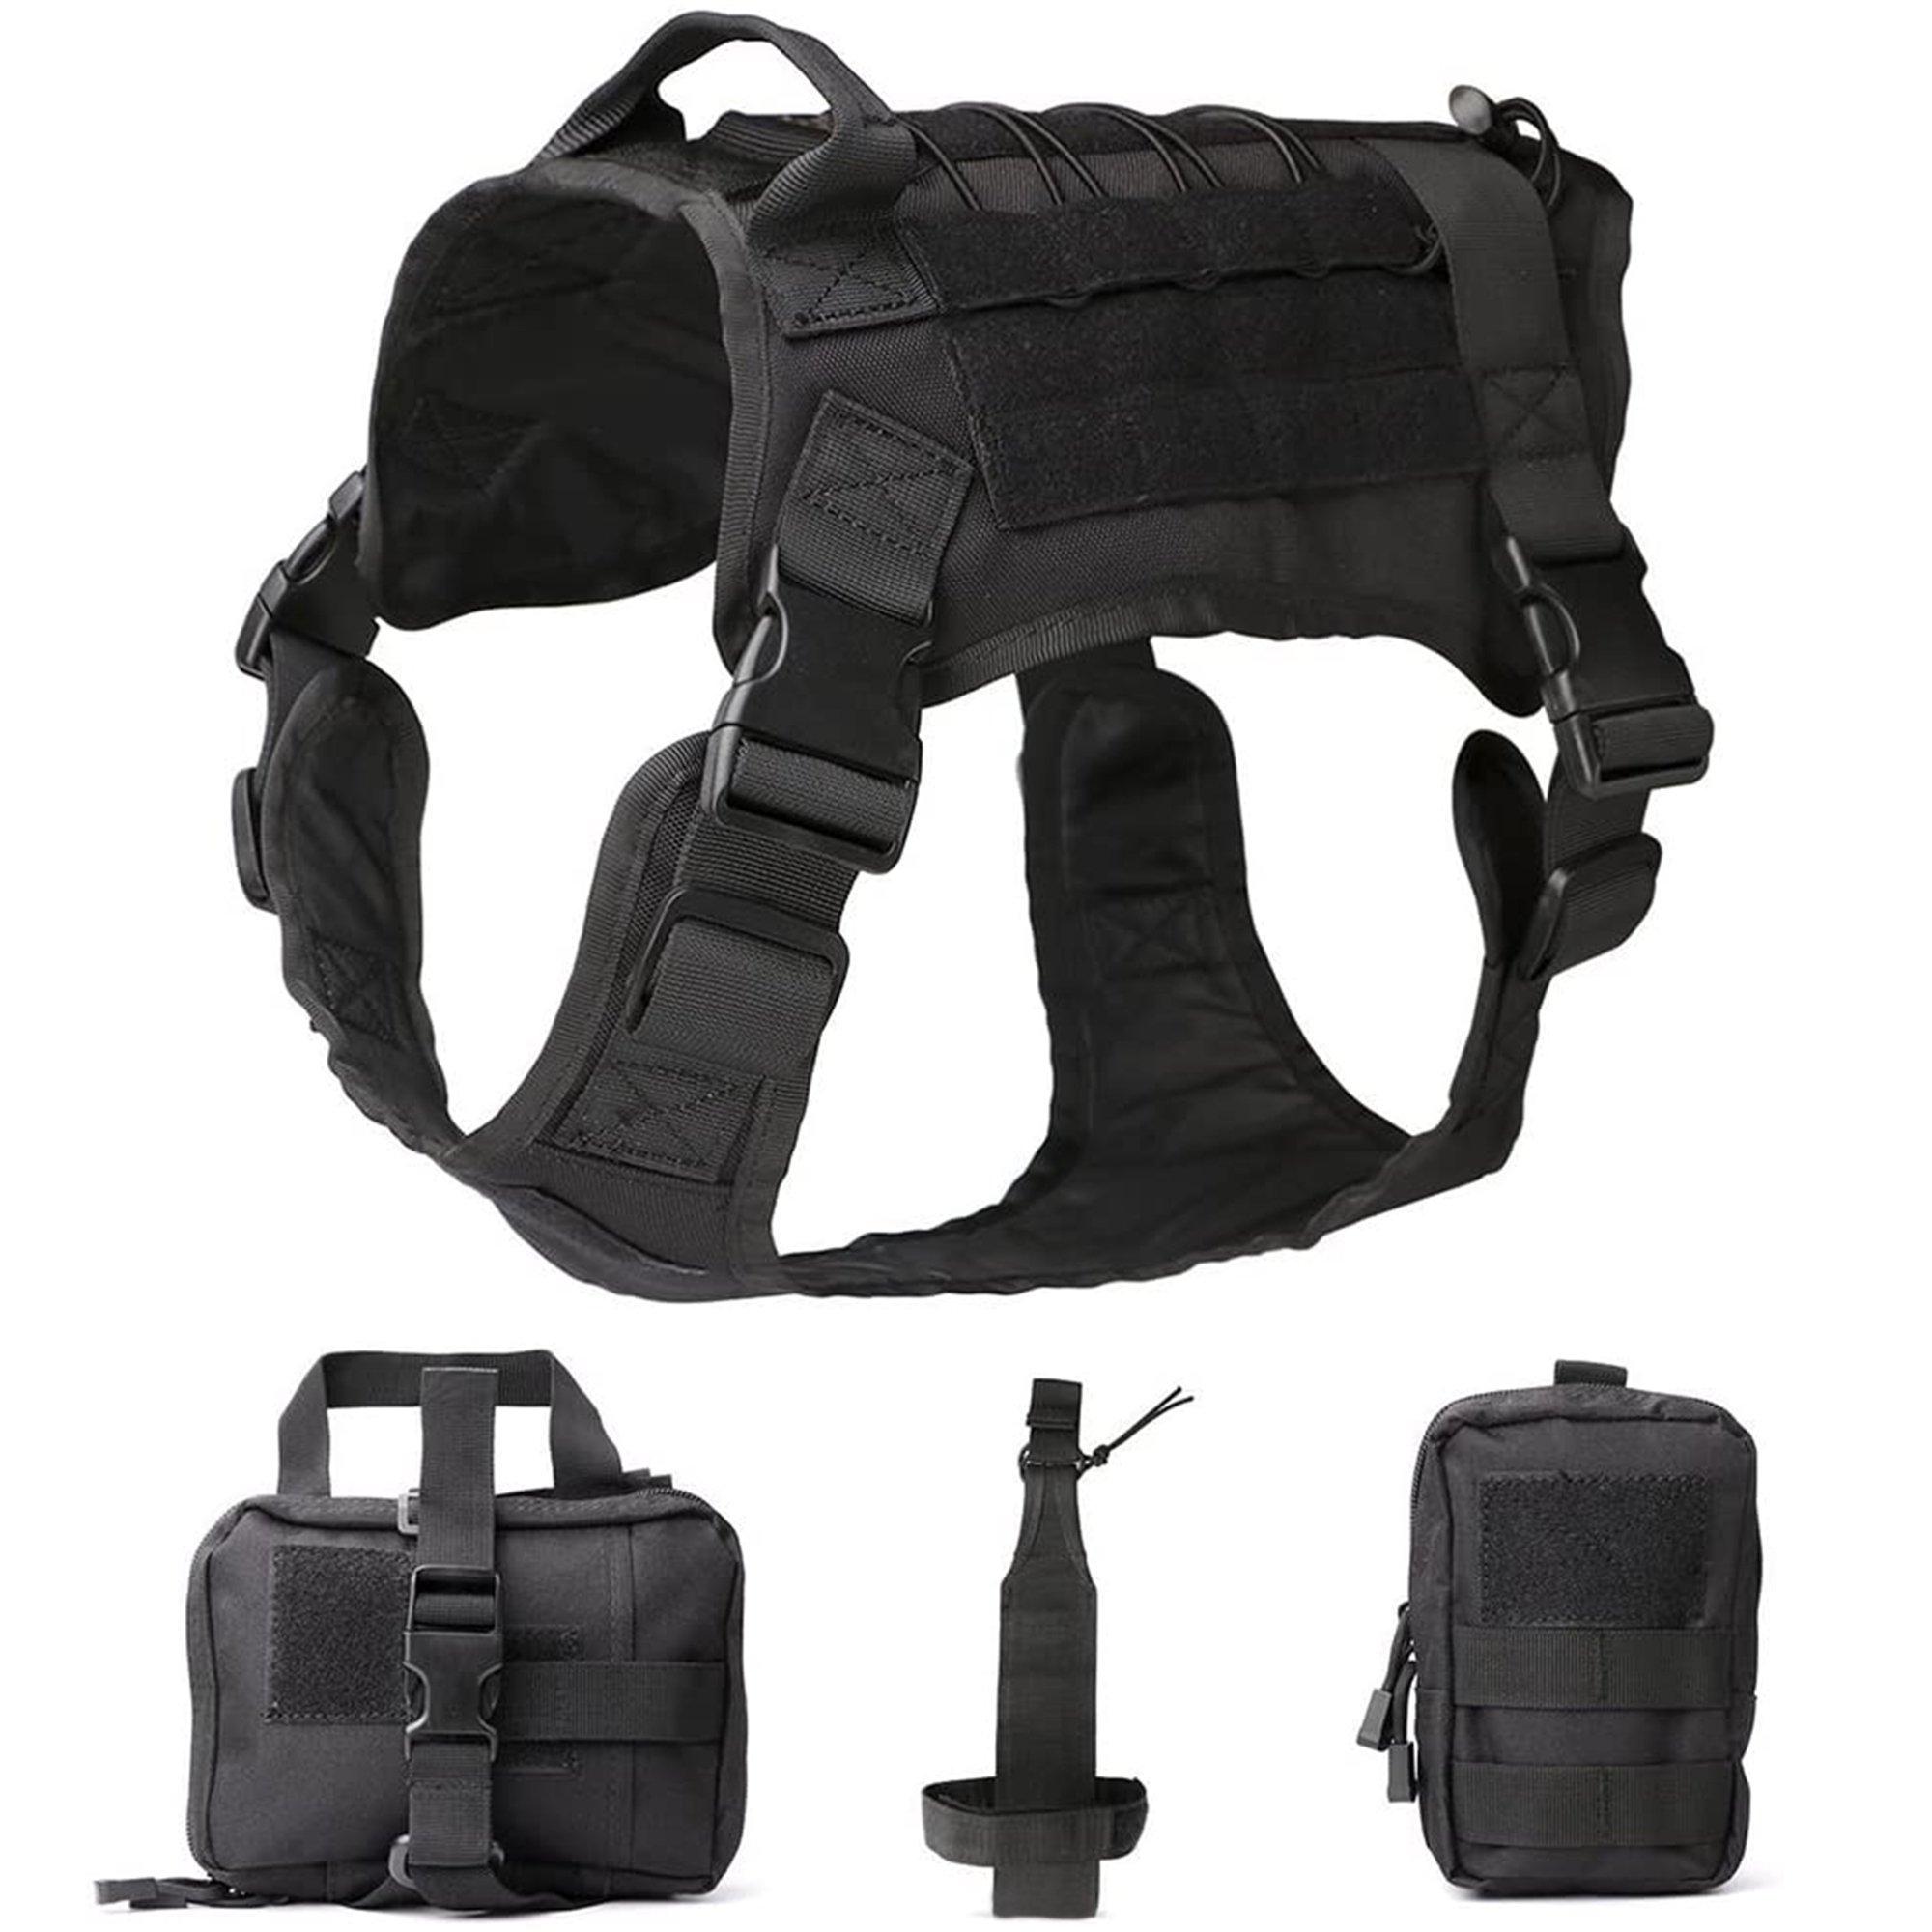 Tactical Dog Harness Vest Set - XL